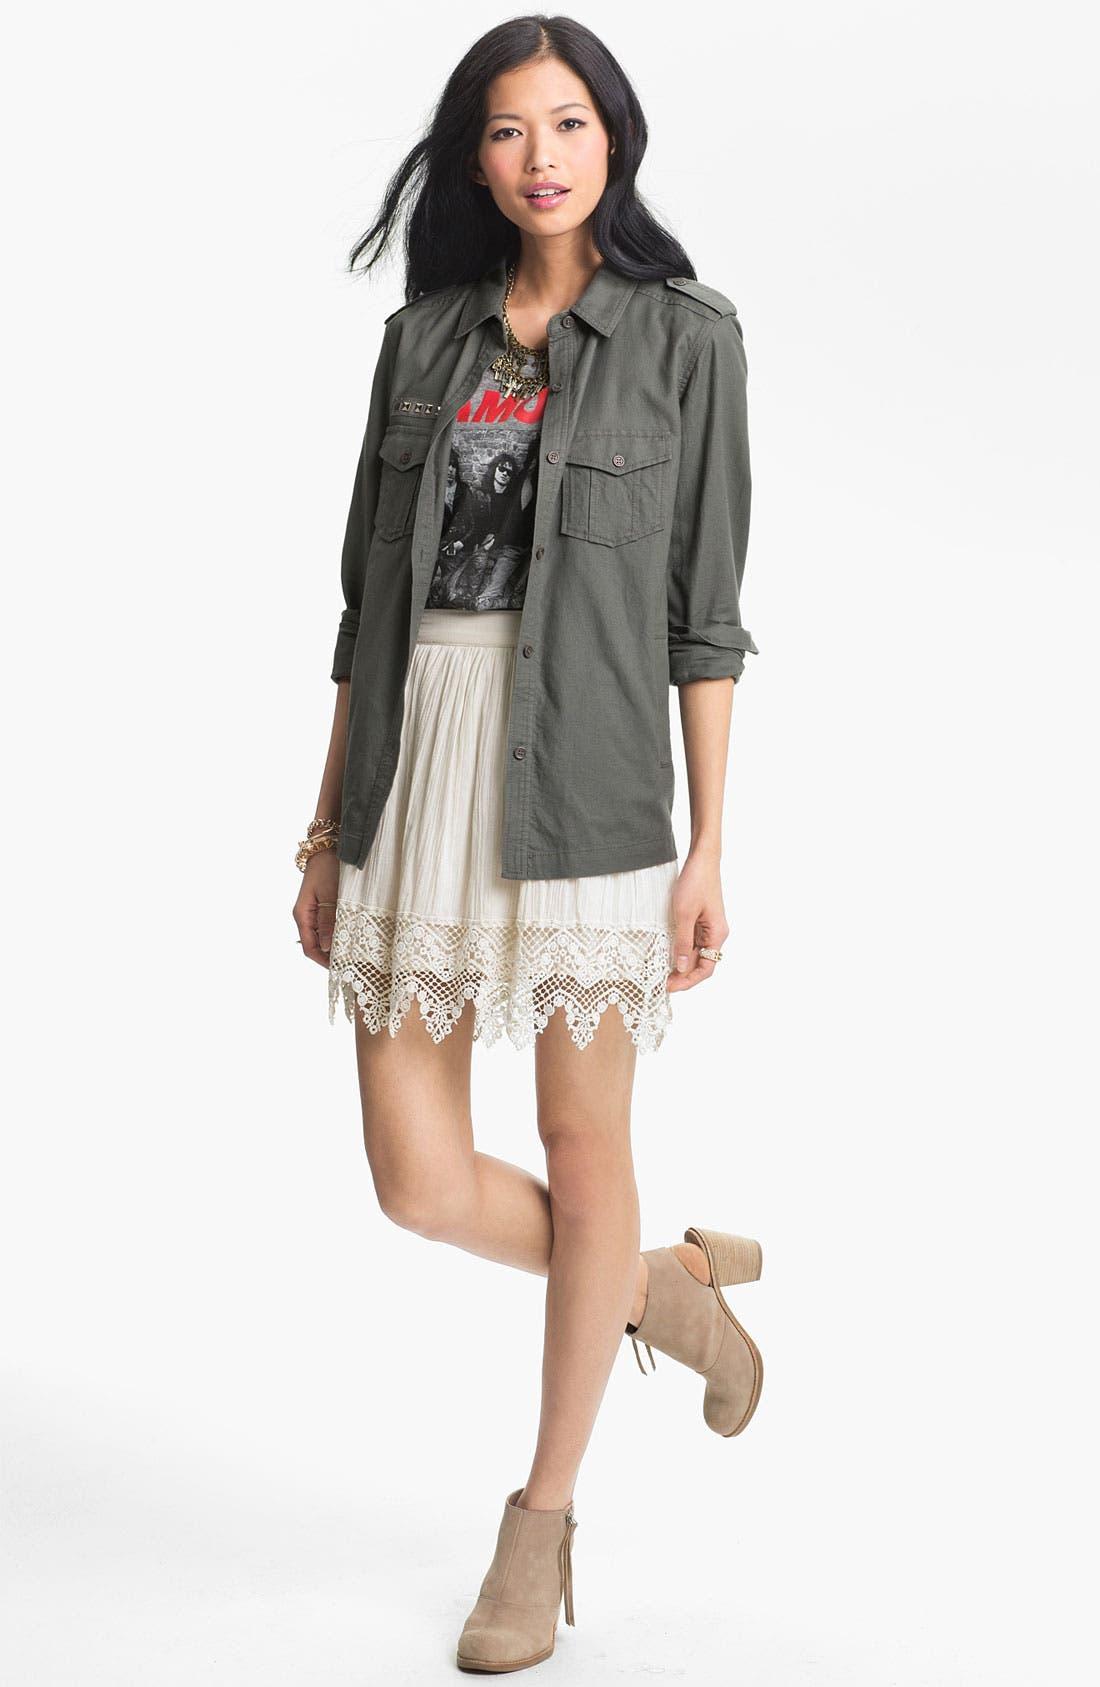 Alternate Image 1 Selected - Rubbish® Jacket & Frenchi® Skirt